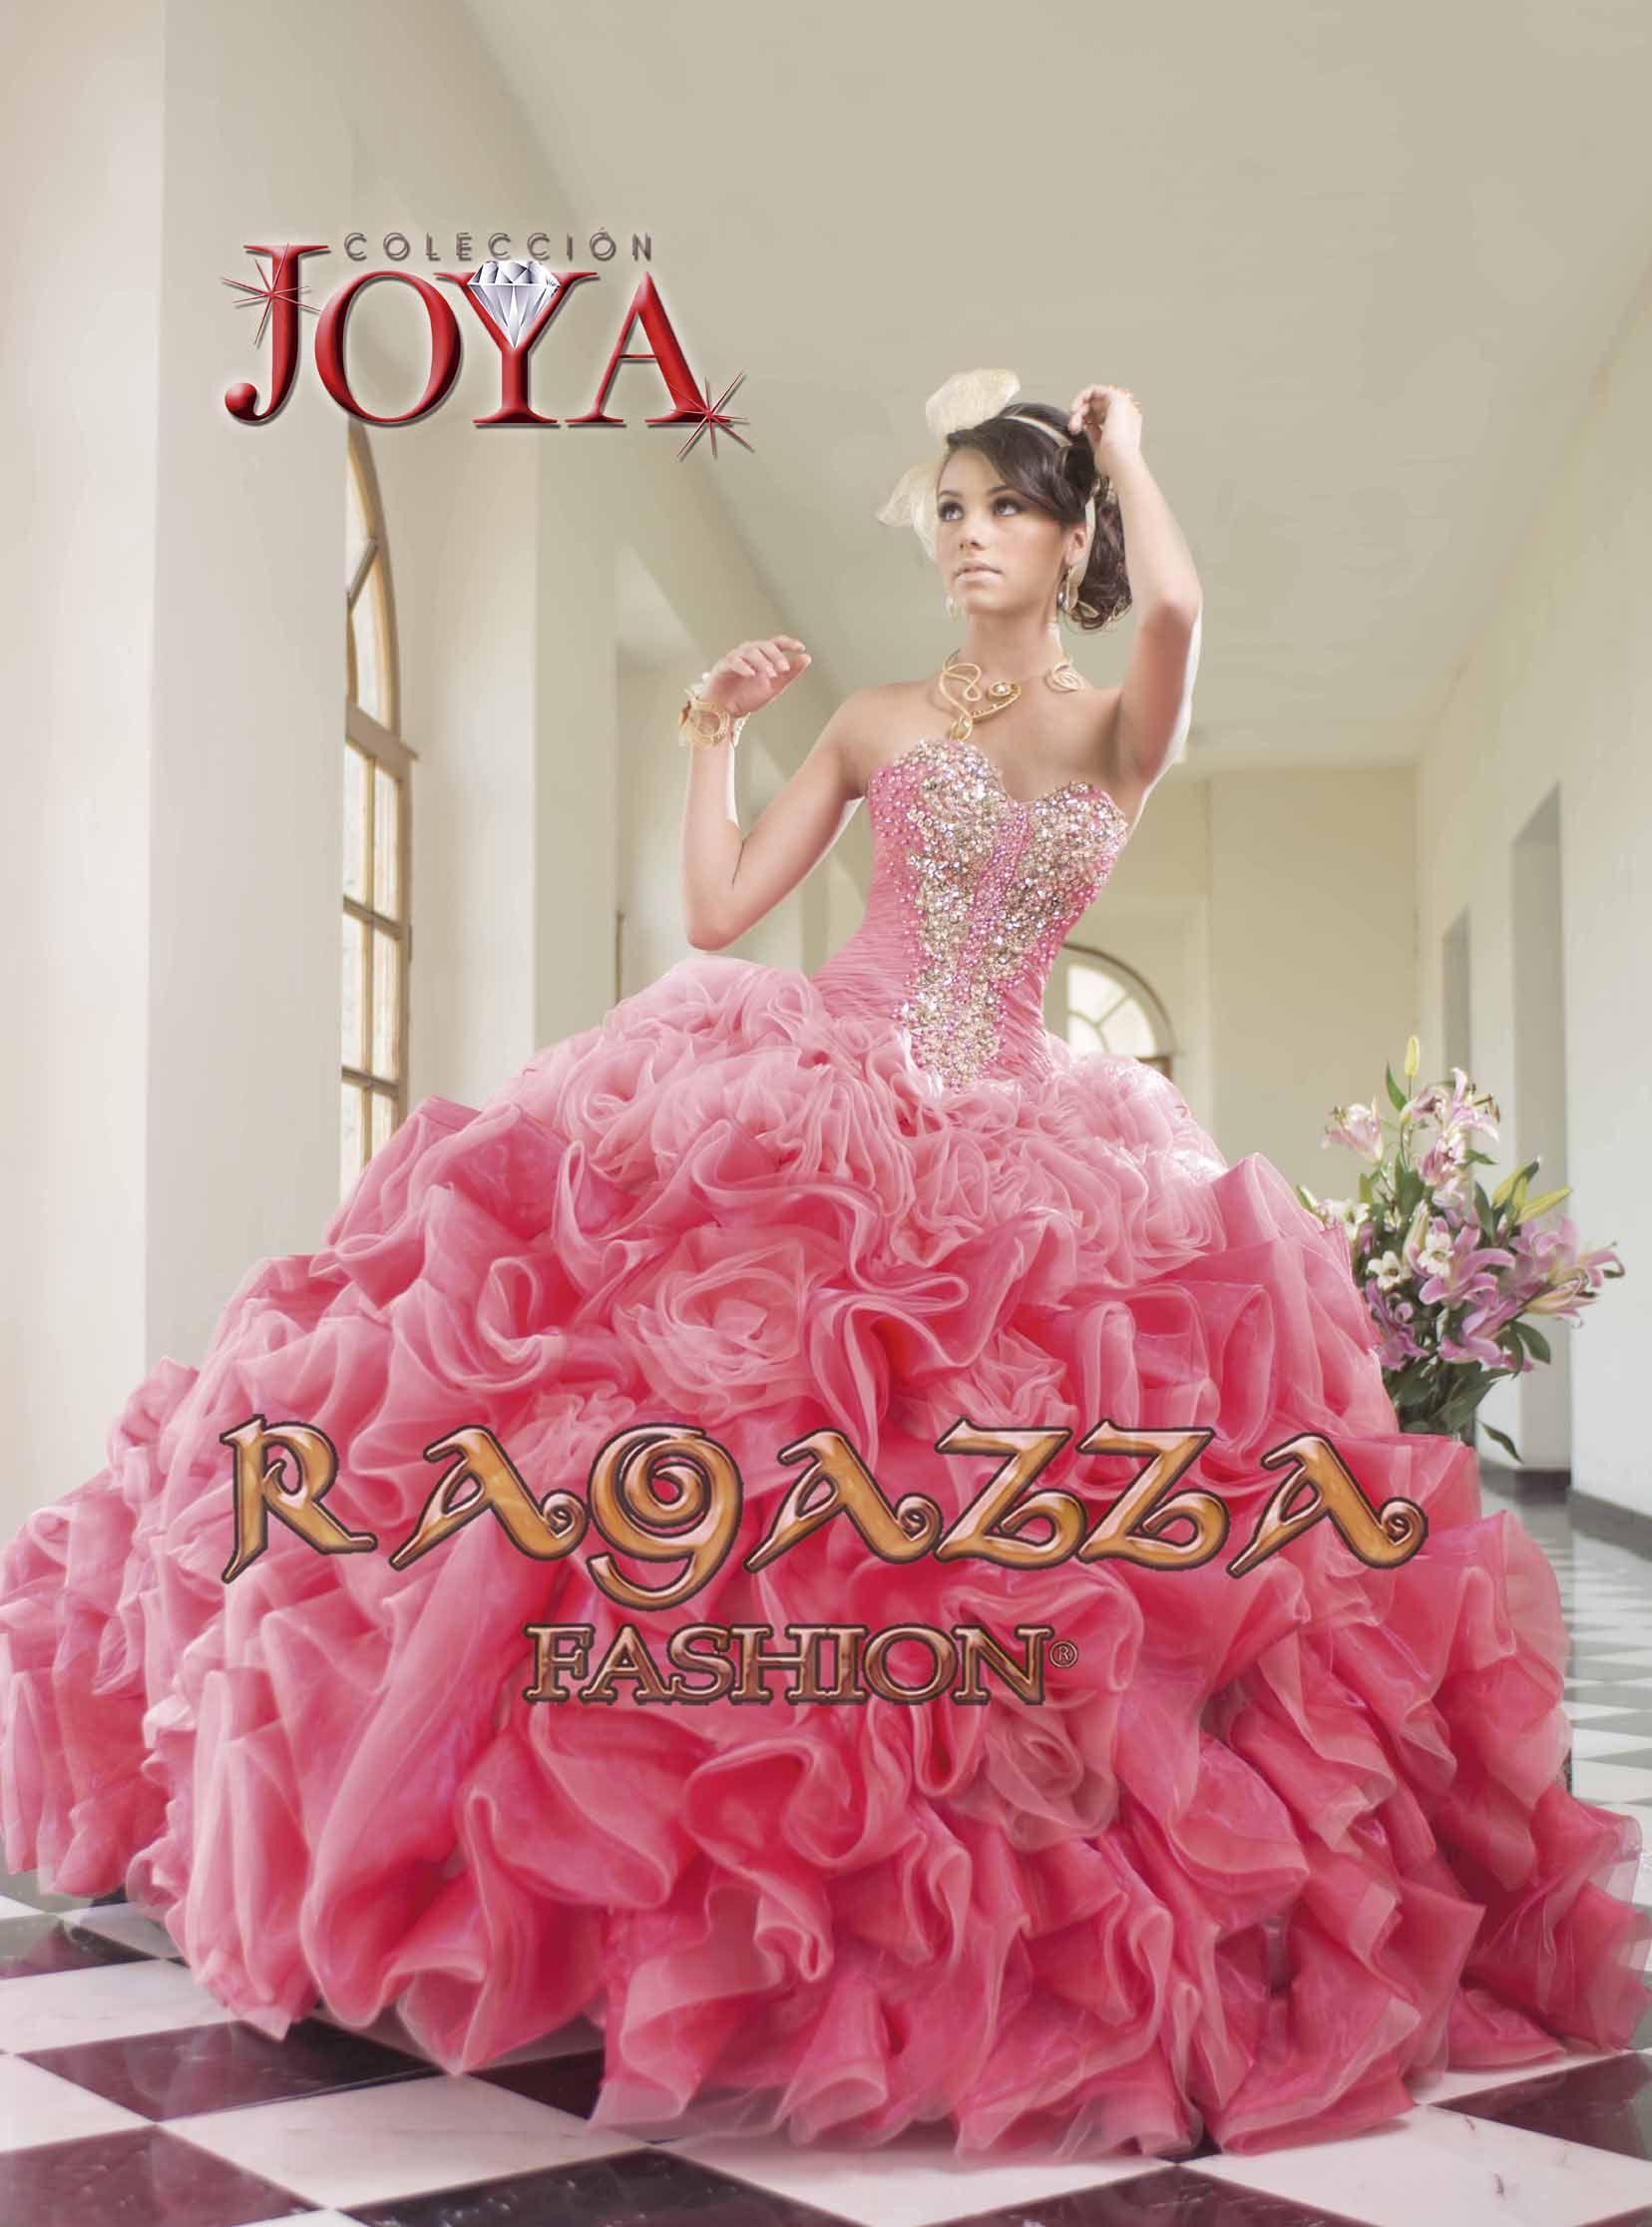 Colección joya ahora en María\'s Bridal Shop, Bakersfield, California ...